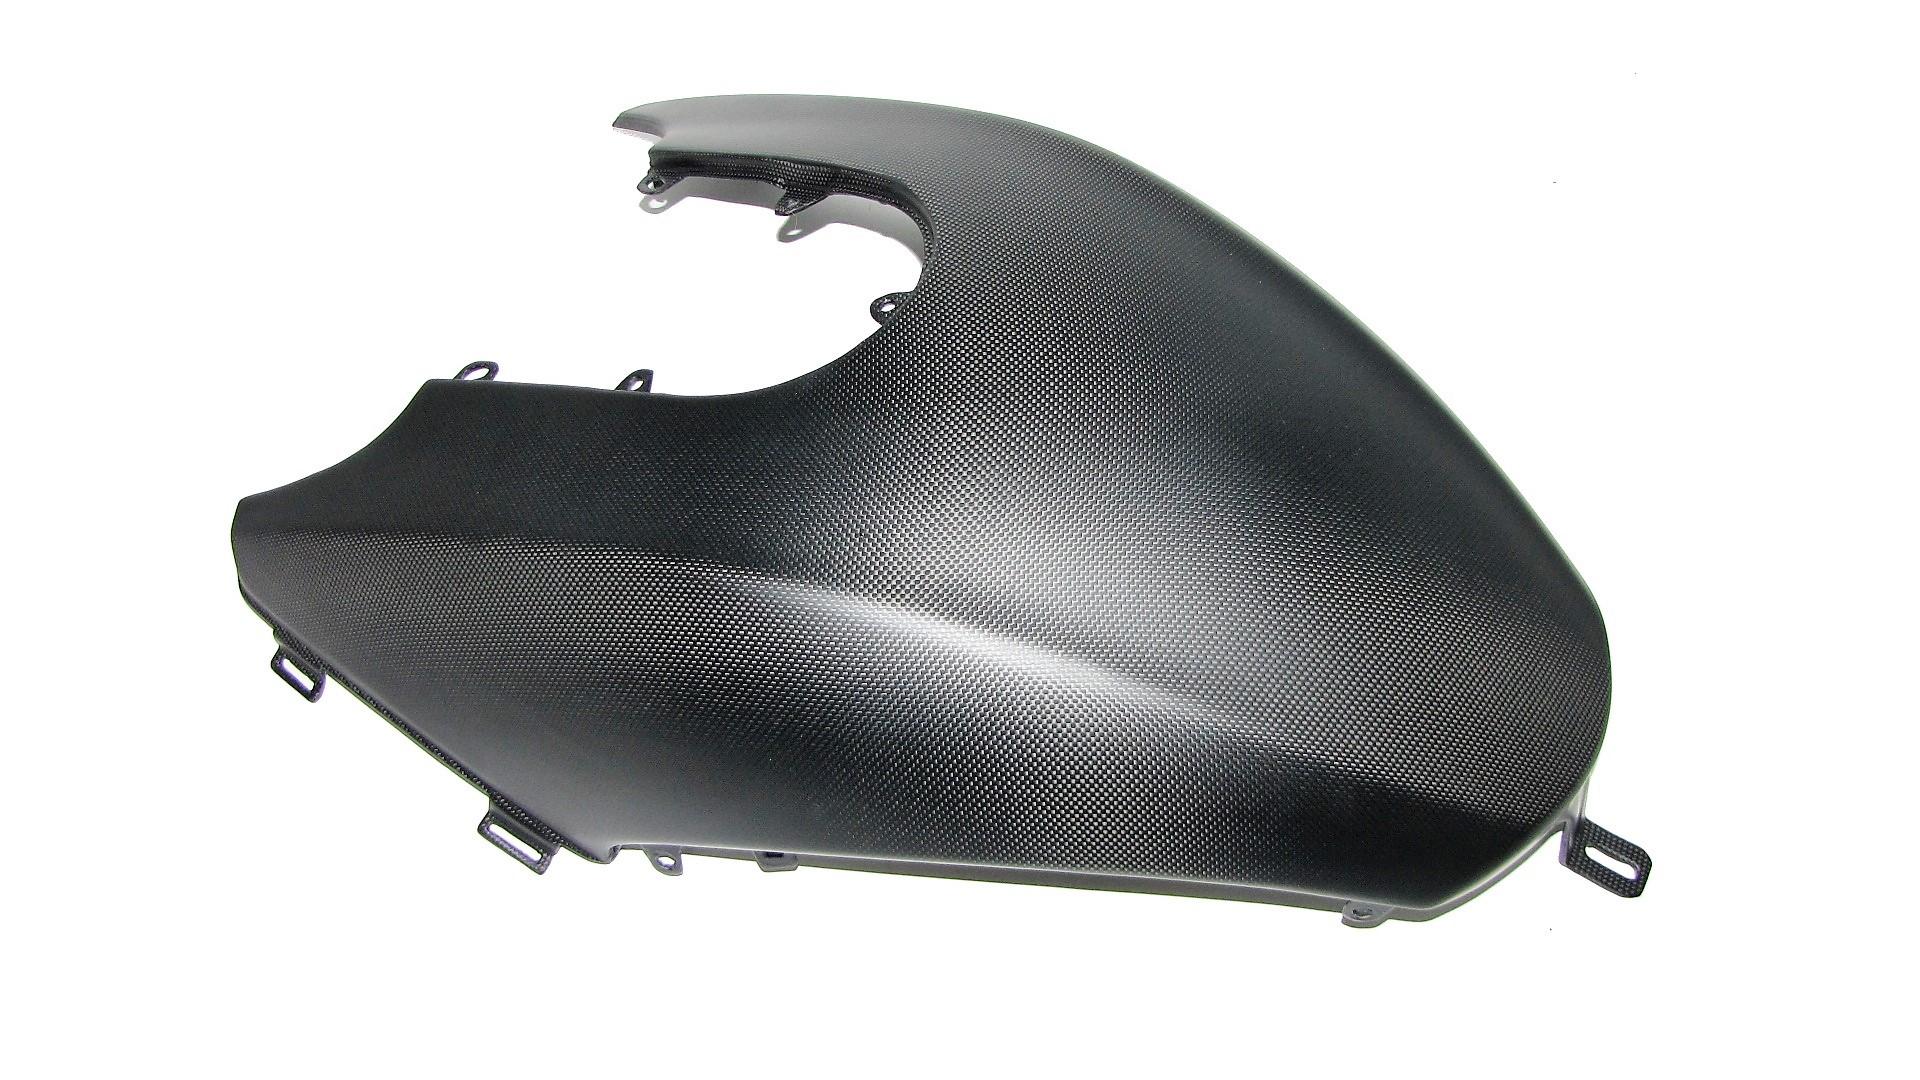 Echt Carbon fein matt Passend für Ducati Diavel 2011 Tank Cover für den Haupttank